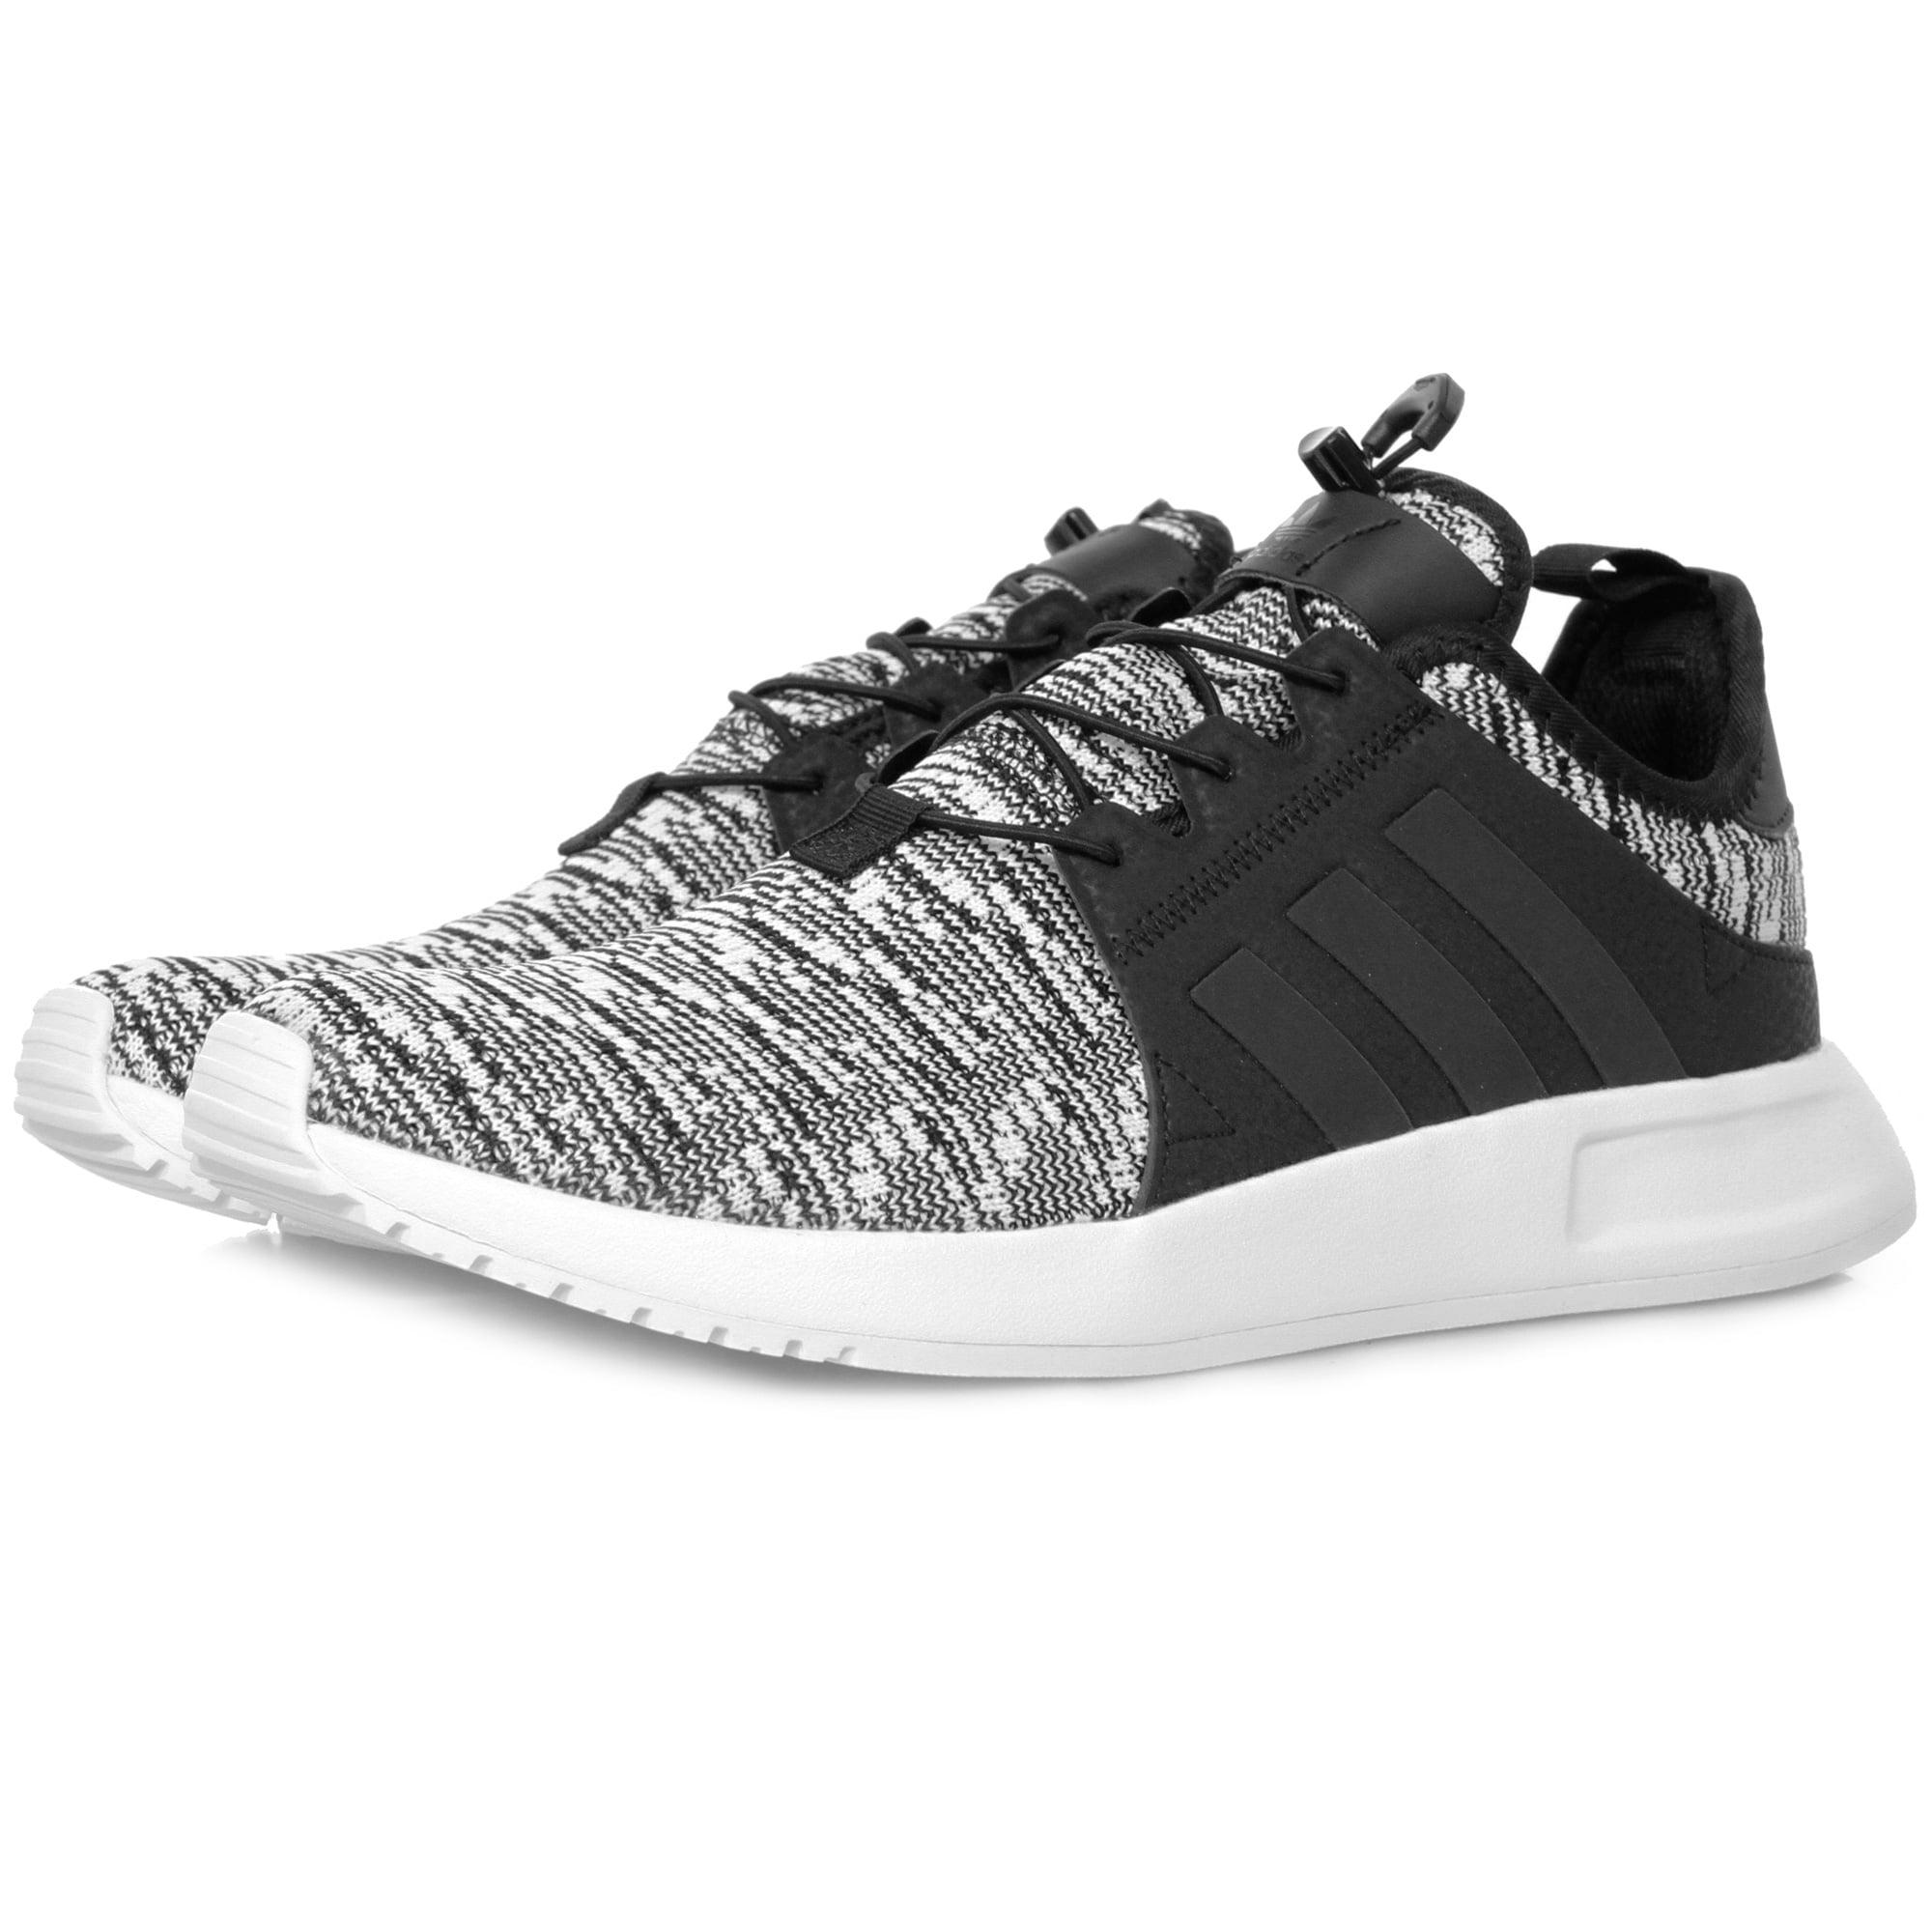 Adidas Originals X_PLR Core Black Shoe BB2899